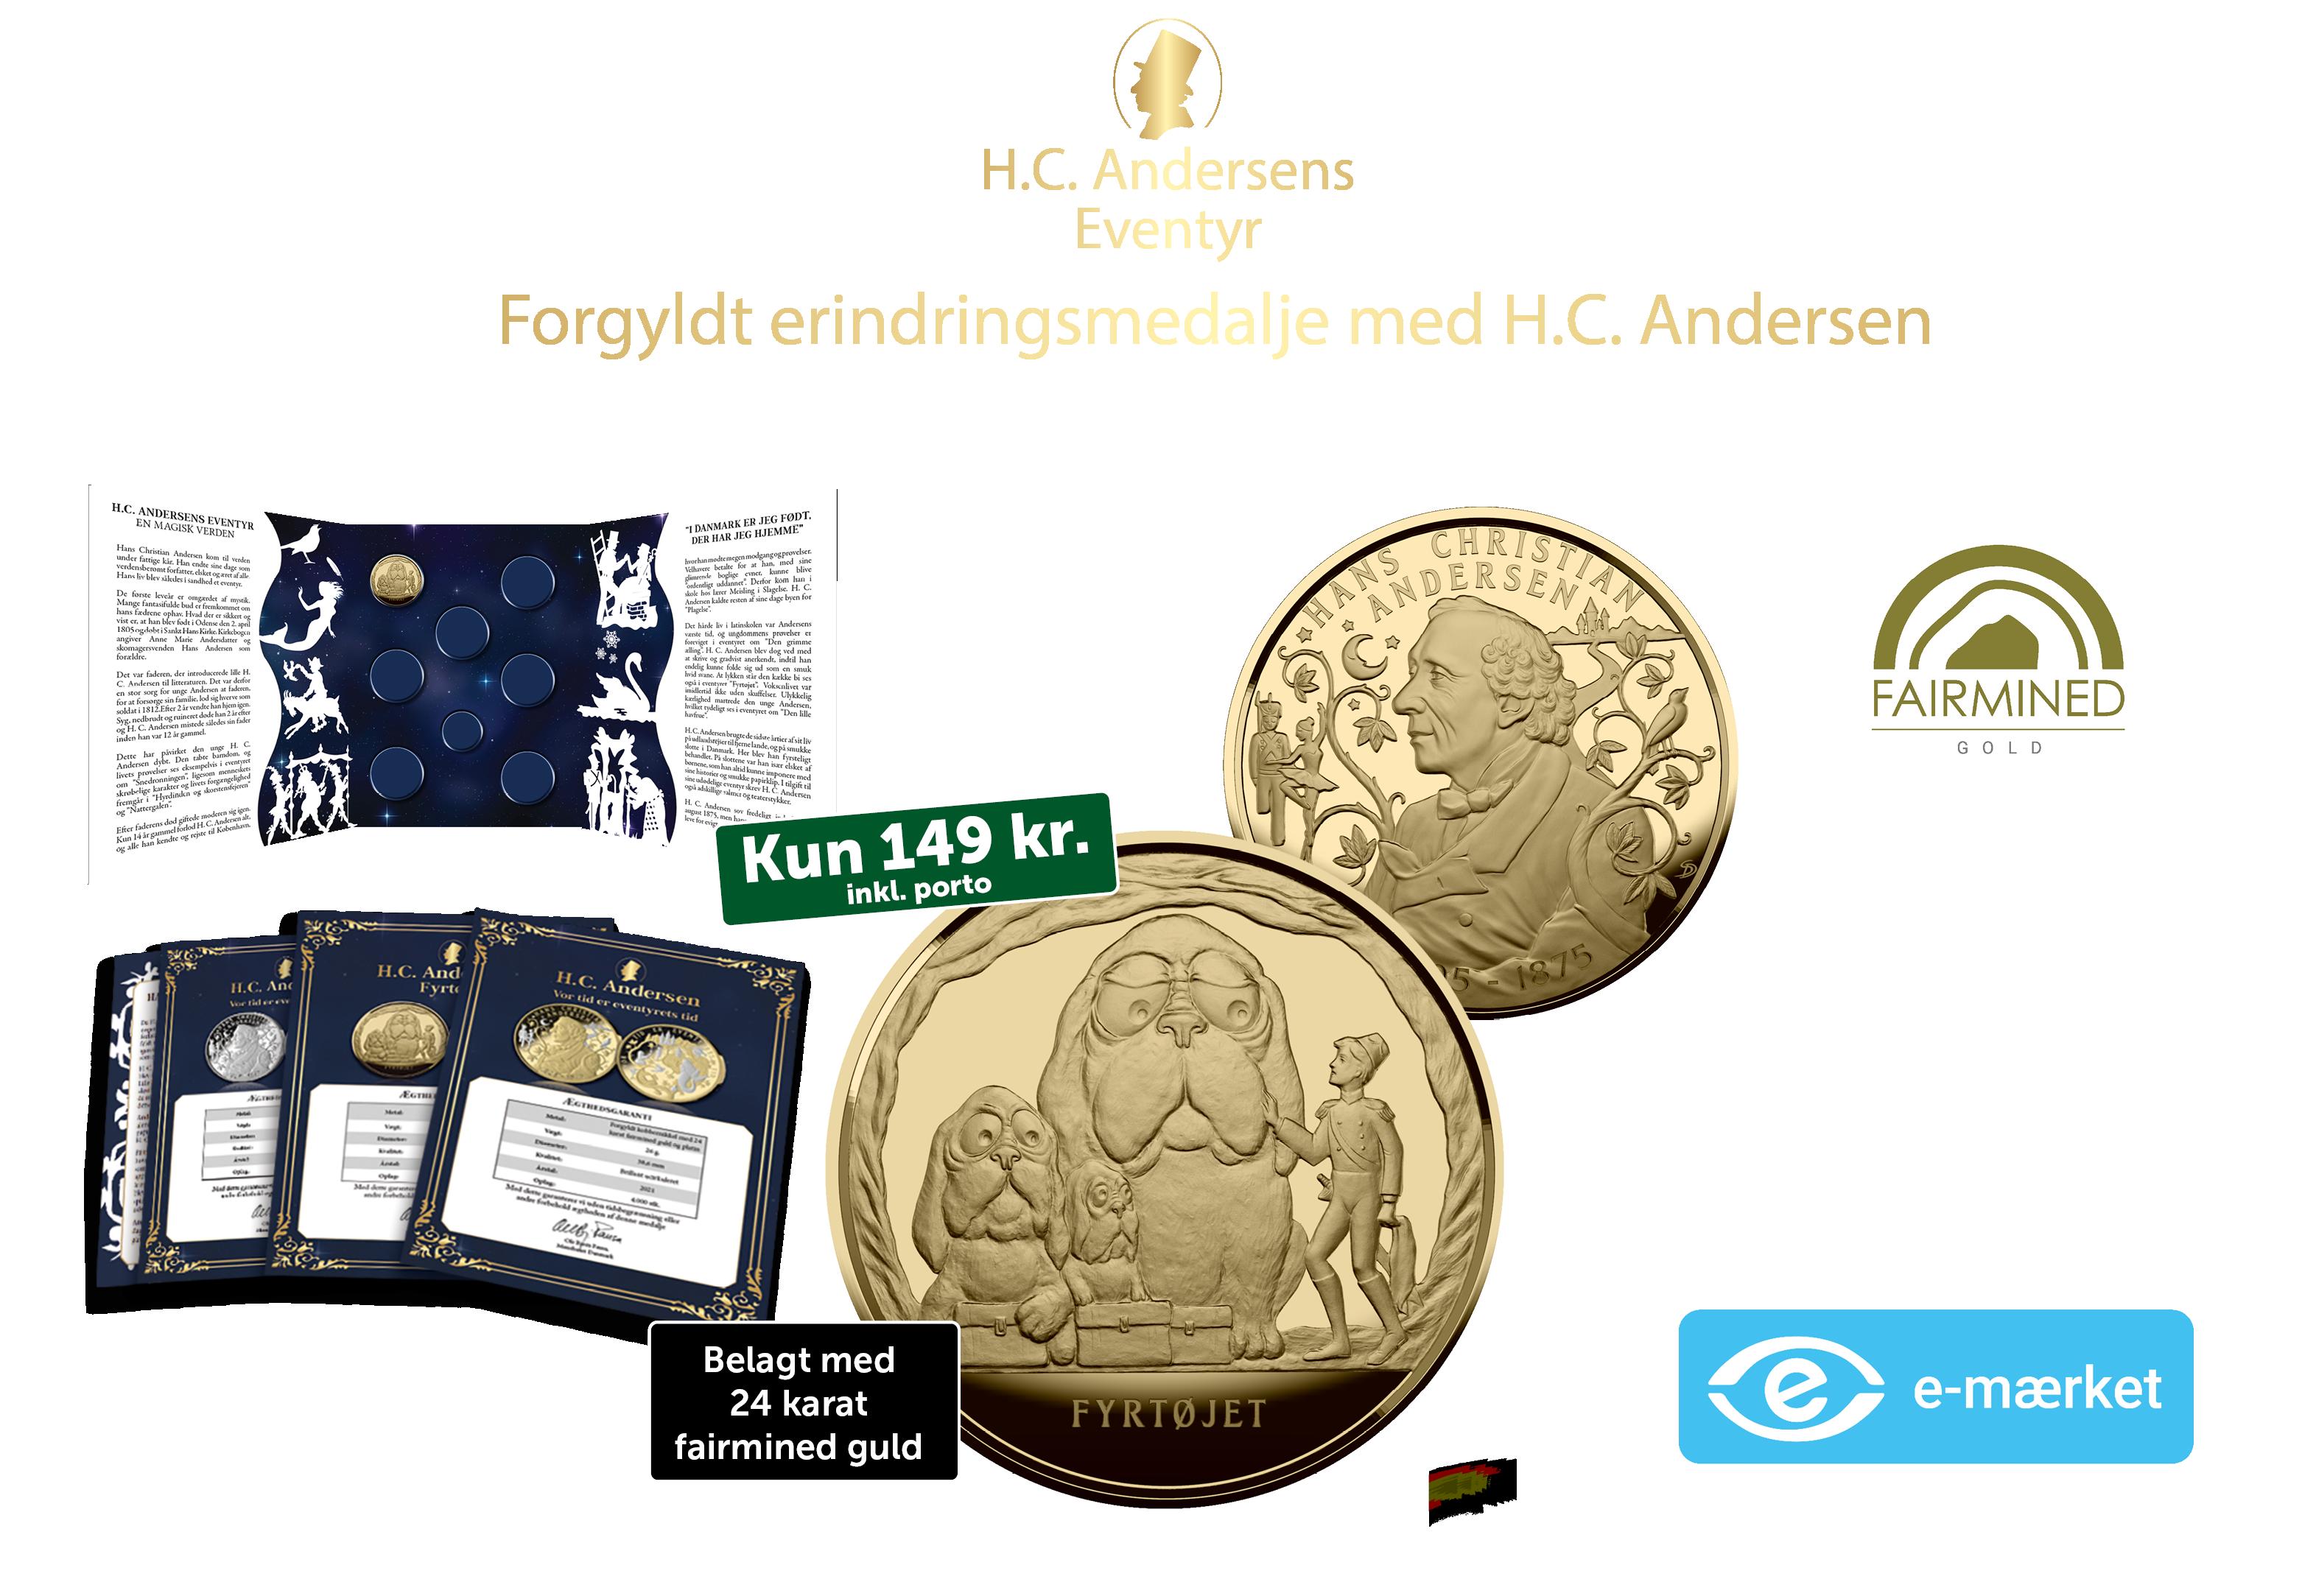 Ny og eksklusiv samling med H.C. Andersen - nu i 99,9% fairmined guld